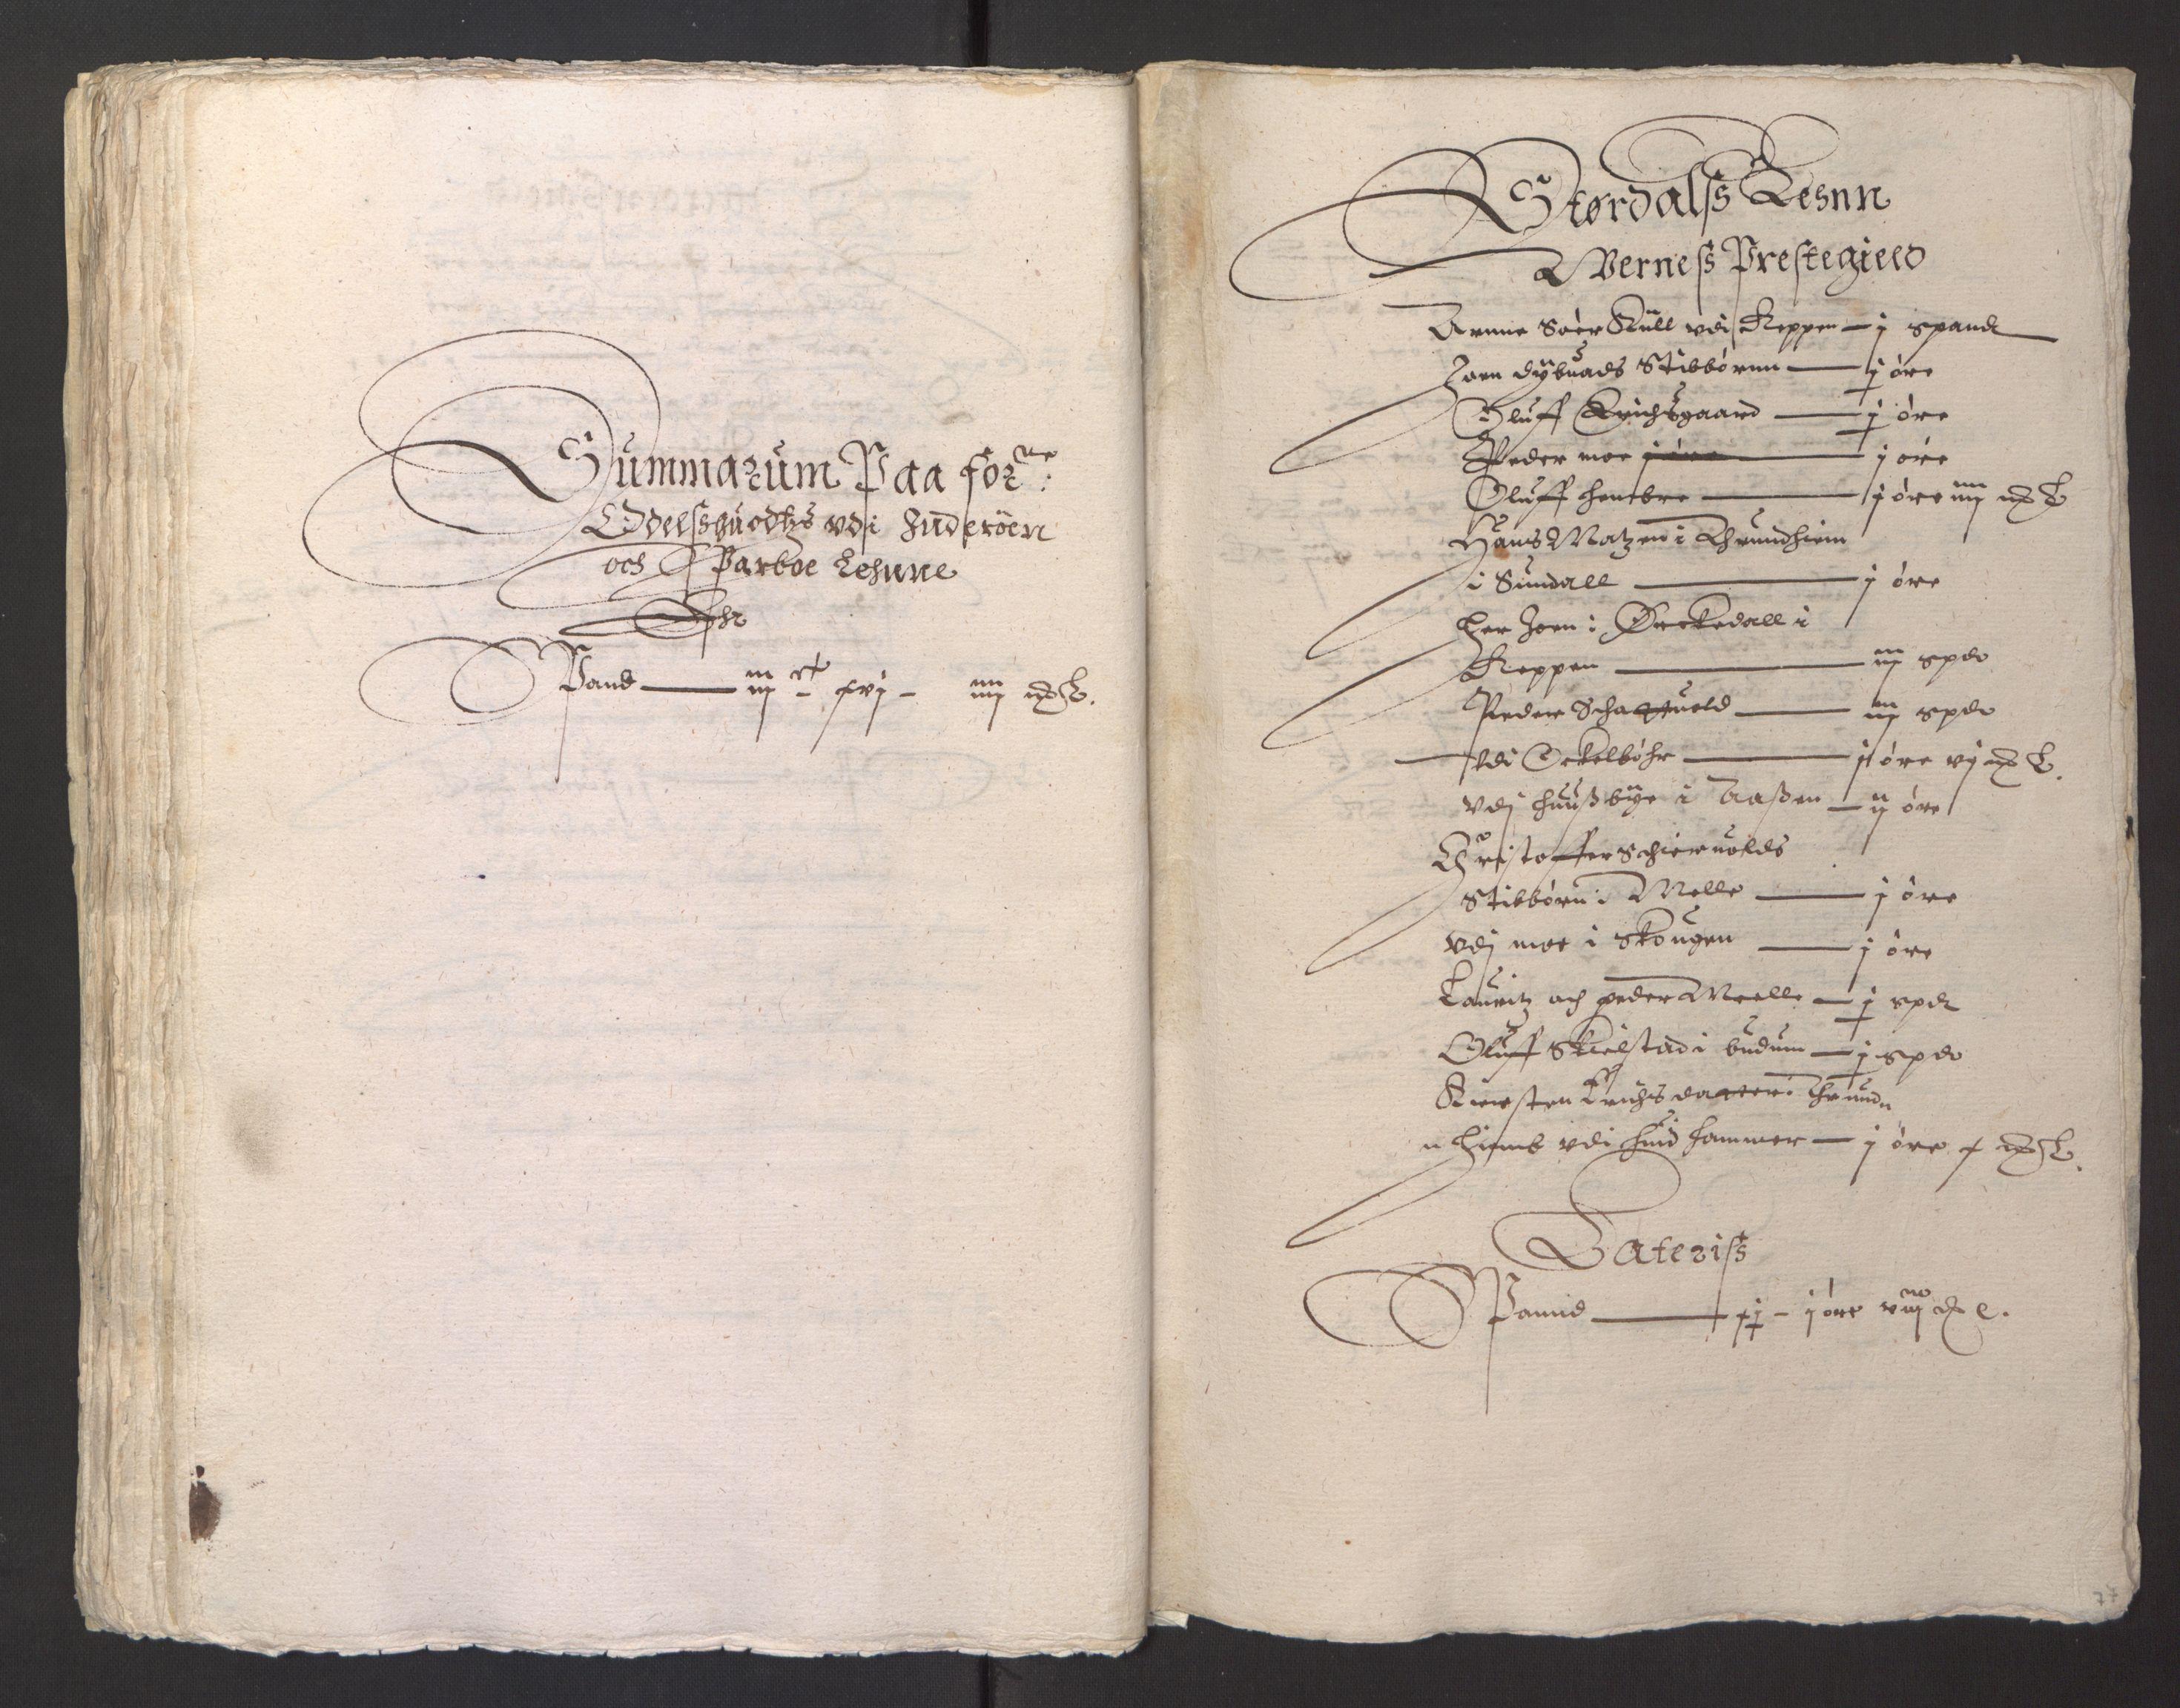 RA, Stattholderembetet 1572-1771, Ek/L0013: Jordebøker til utlikning av rosstjeneste 1624-1626:, 1624-1625, s. 80